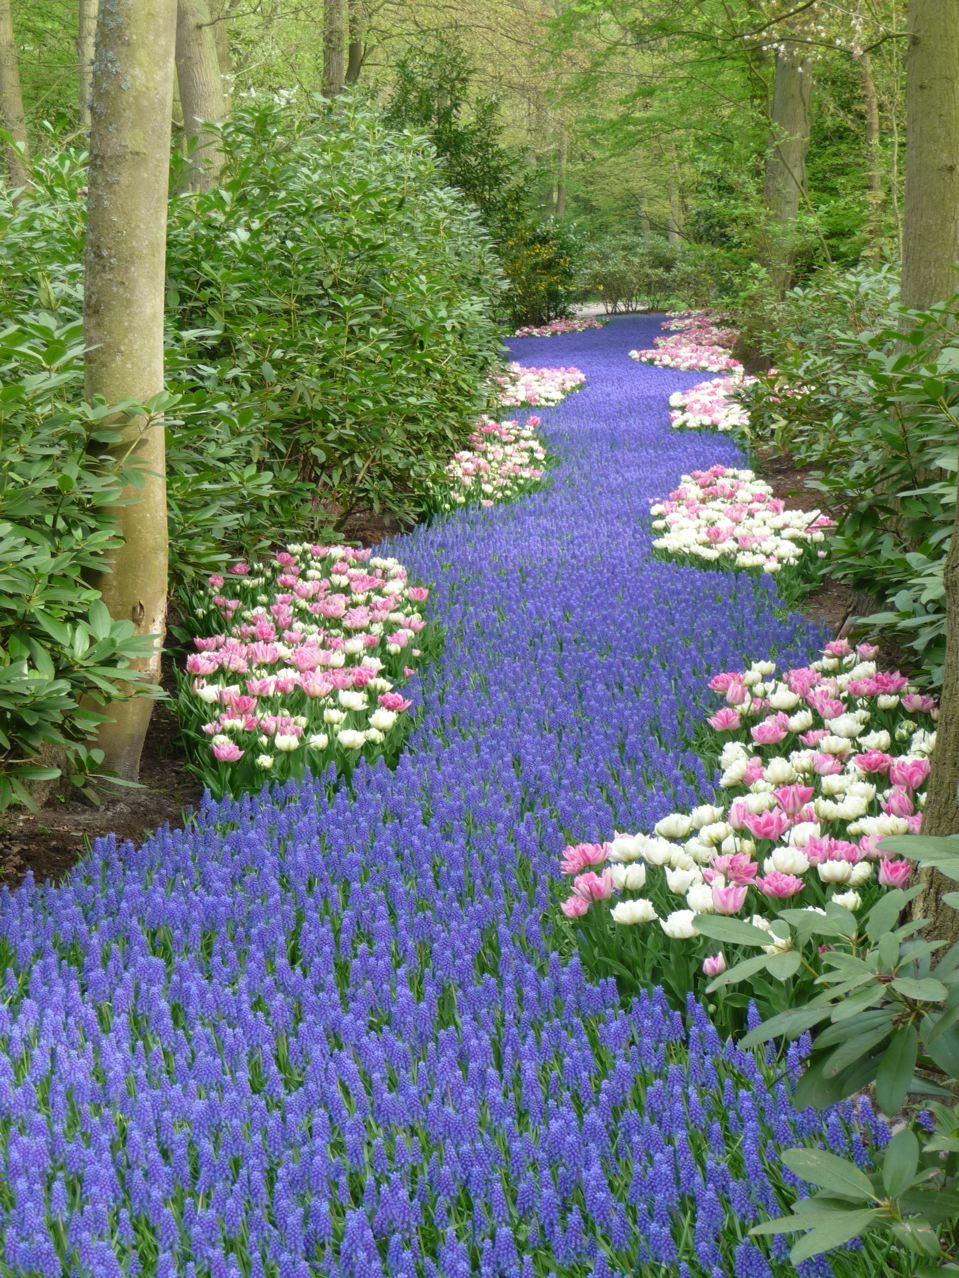 Les incroyables floraisons printanières de Keukenhof en Hollande